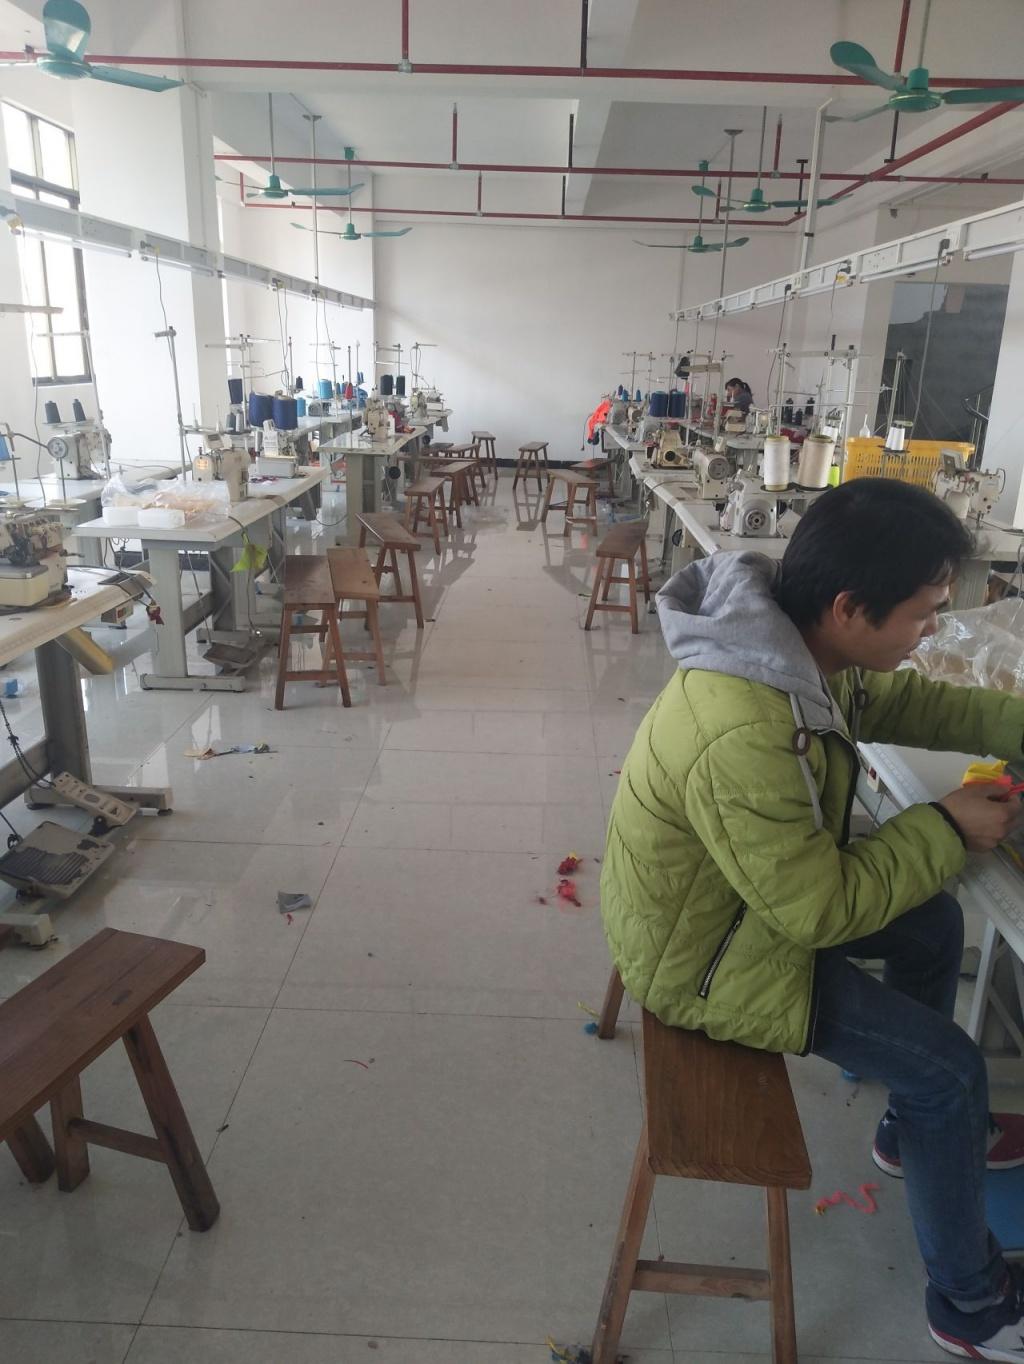 桂平燕尾镇蕾丝之乡,年初大量招工半身木乐服装裙图片